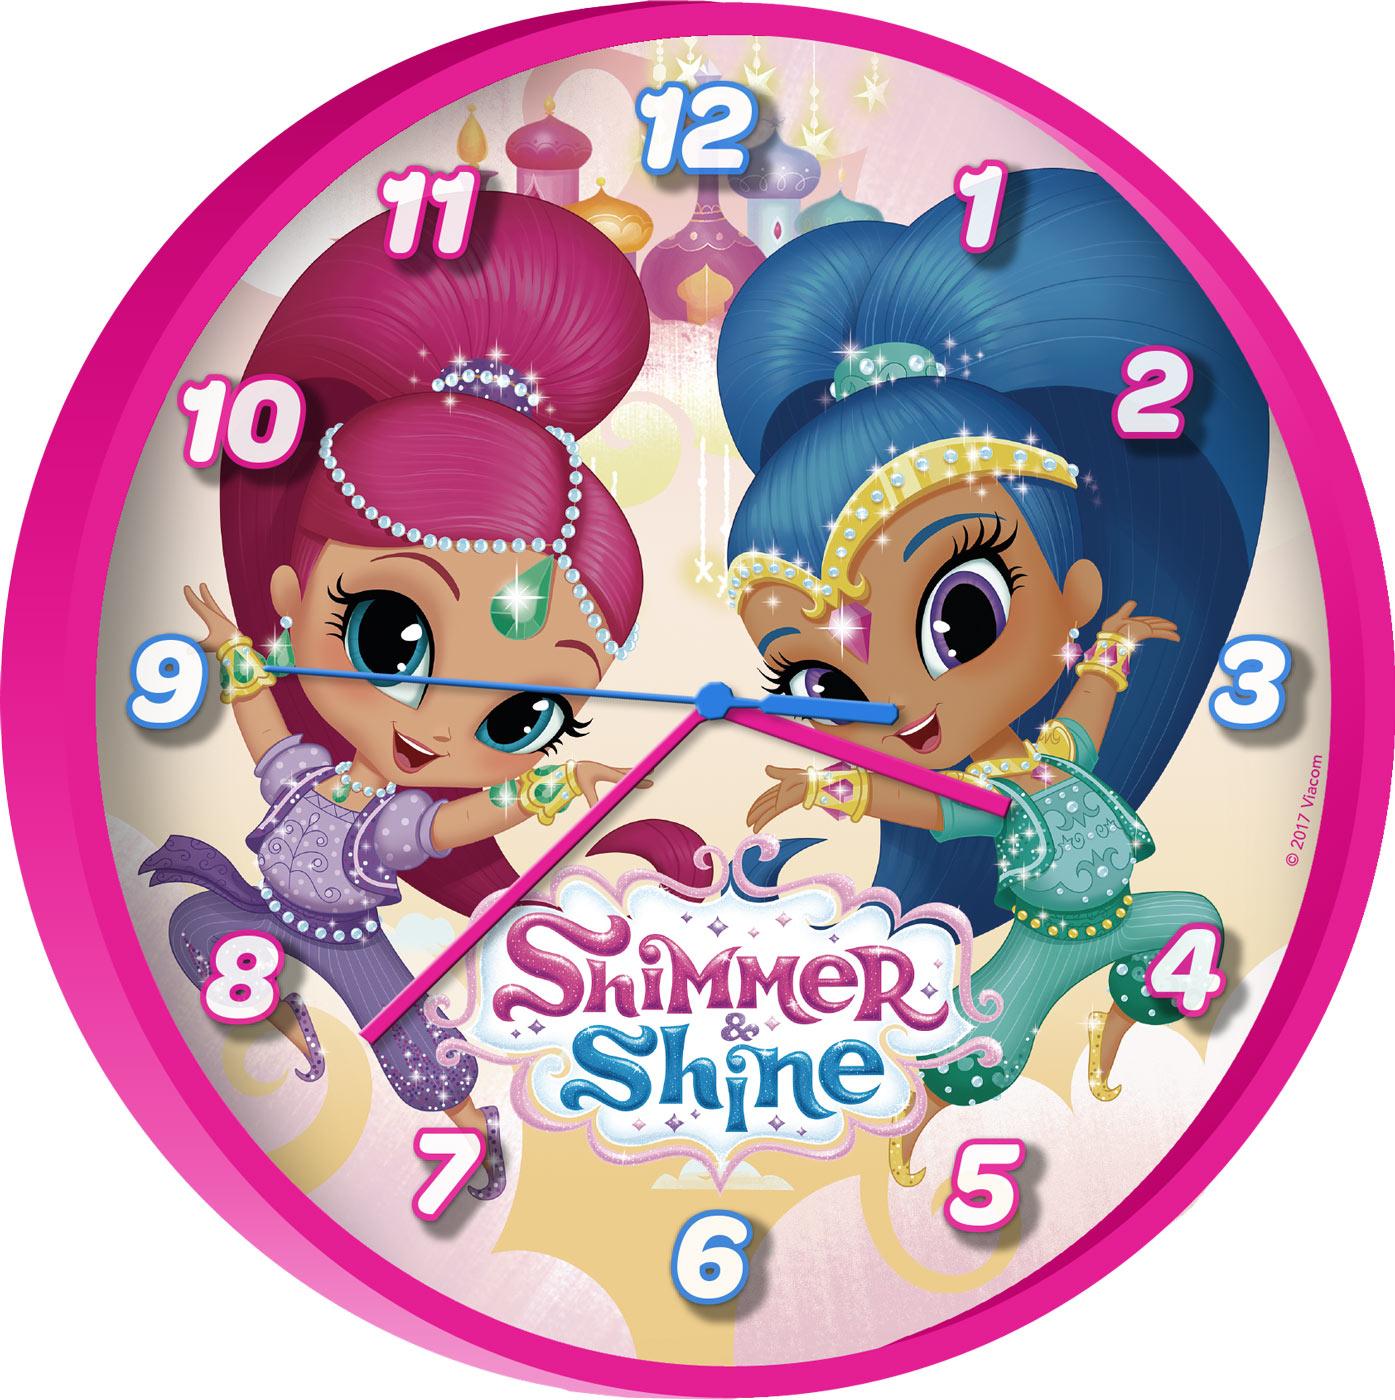 Shimmer and Shine Kids Bedroom Set – image 2